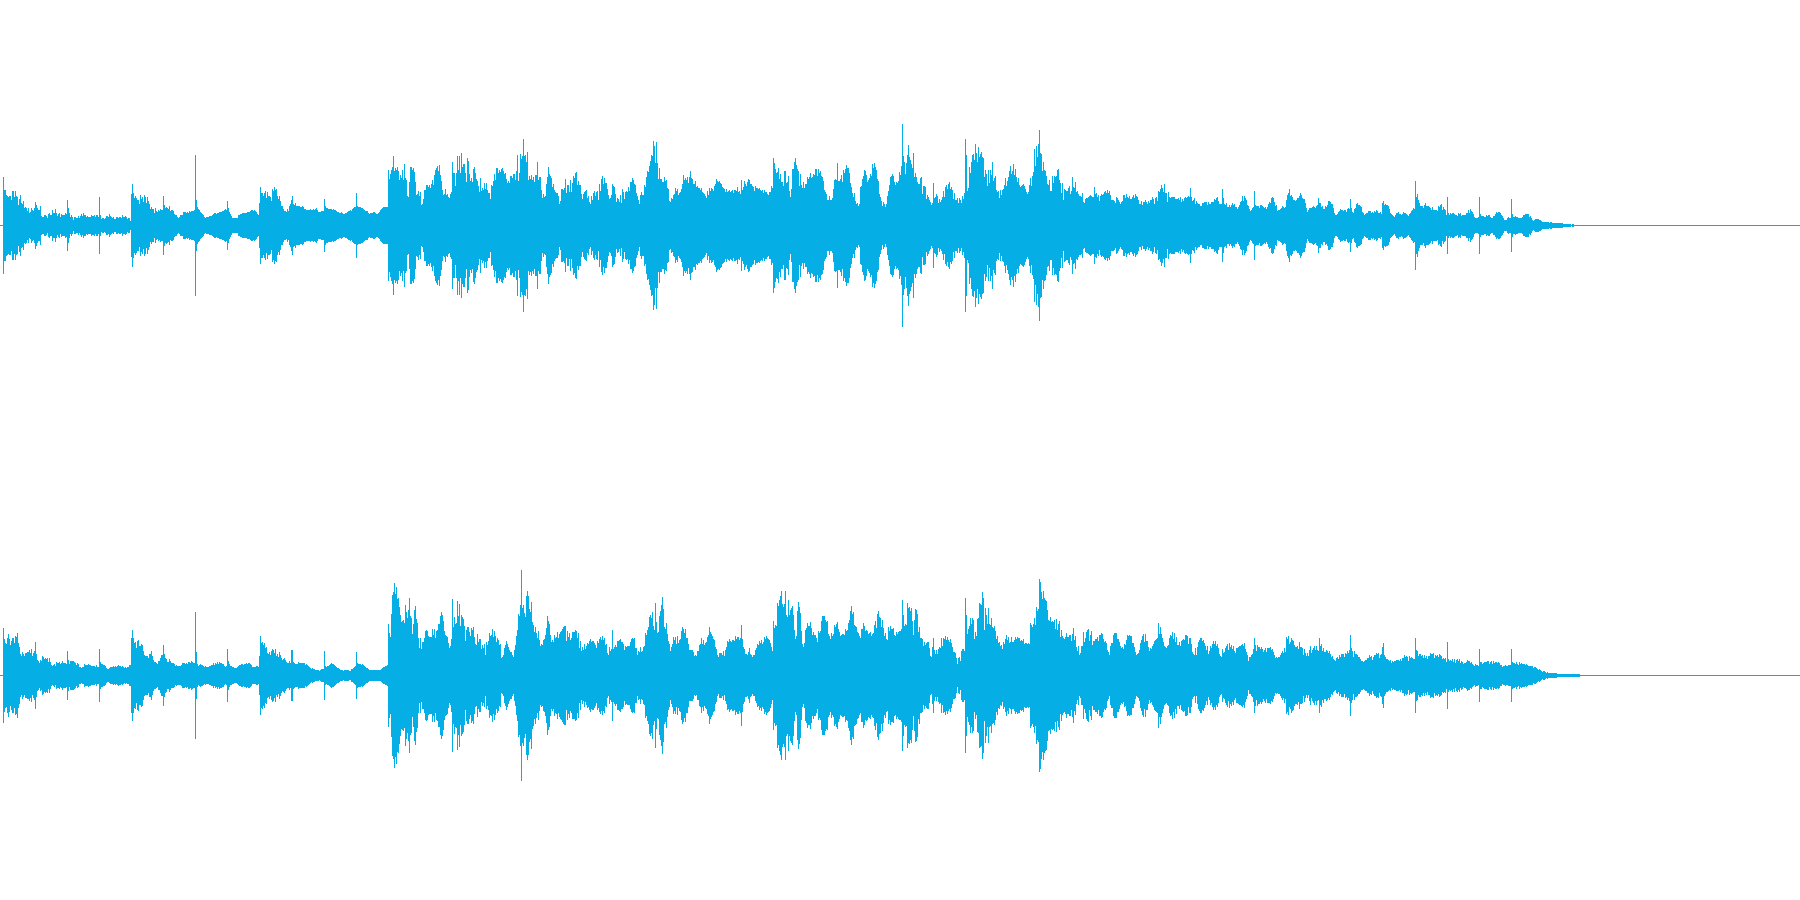 物悲しいジングル(和楽器)の再生済みの波形